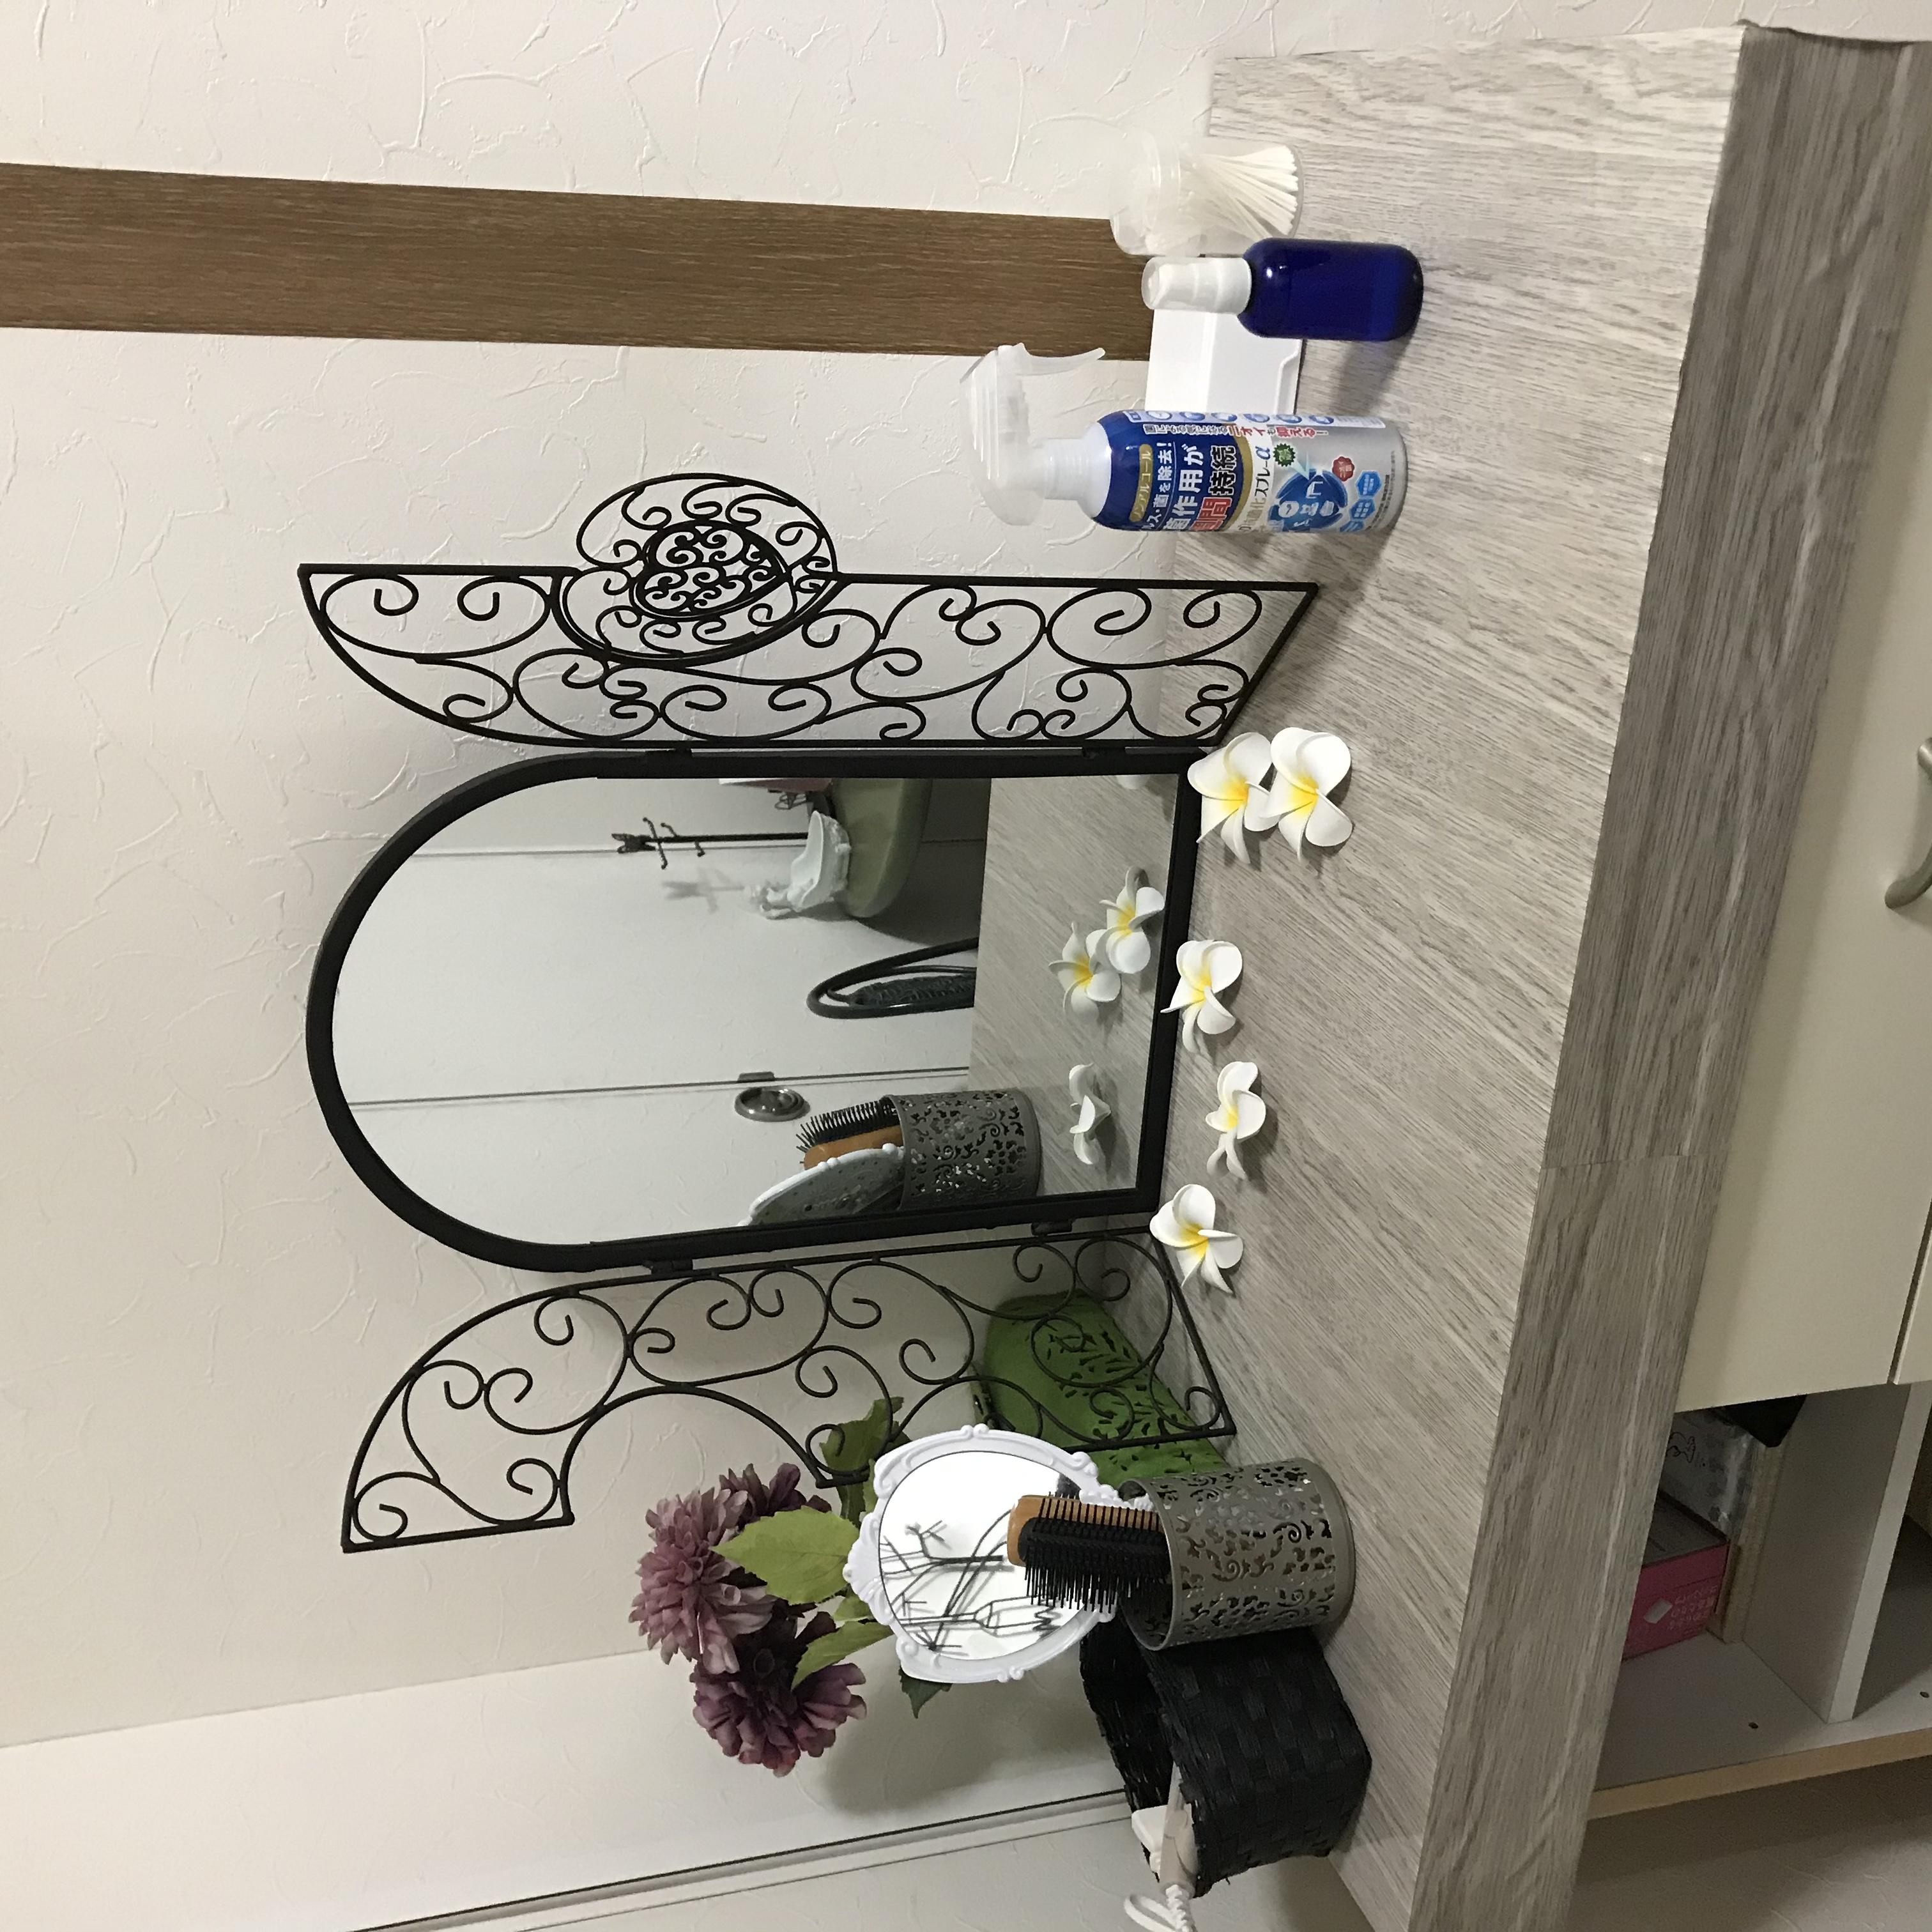 化粧台 - フェアリーガーデン花時計 マッサージサロンスペースの設備の写真